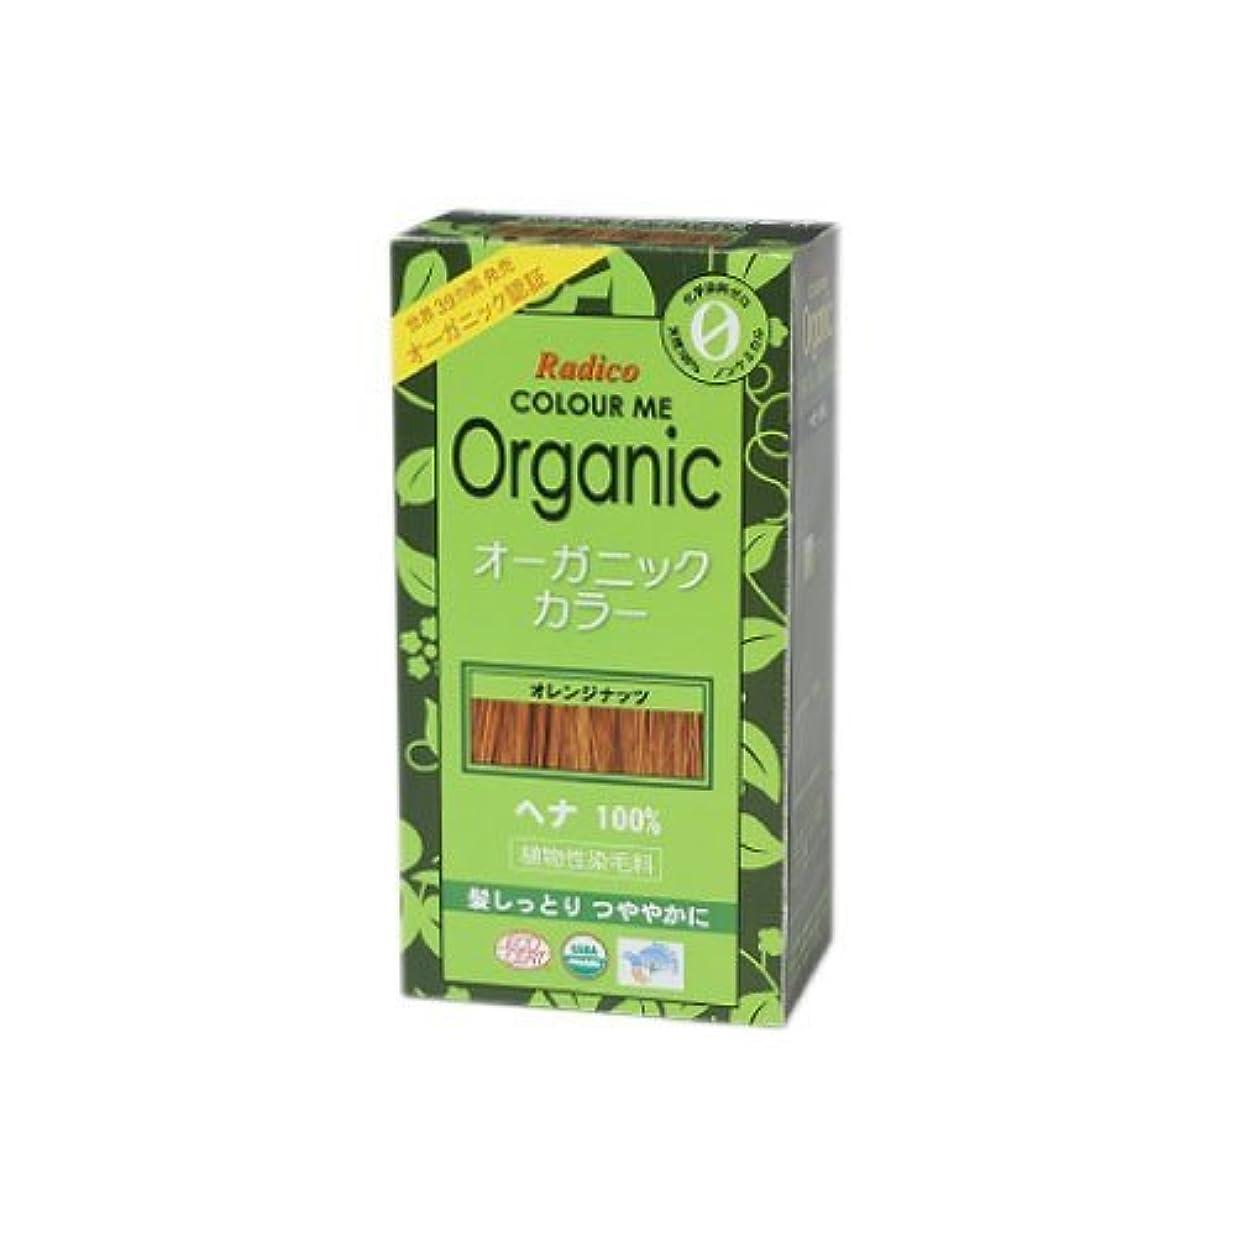 ライドコミット債務COLOURME Organic (カラーミーオーガニック ヘナ 白髪用) オレンジナッツ 100g